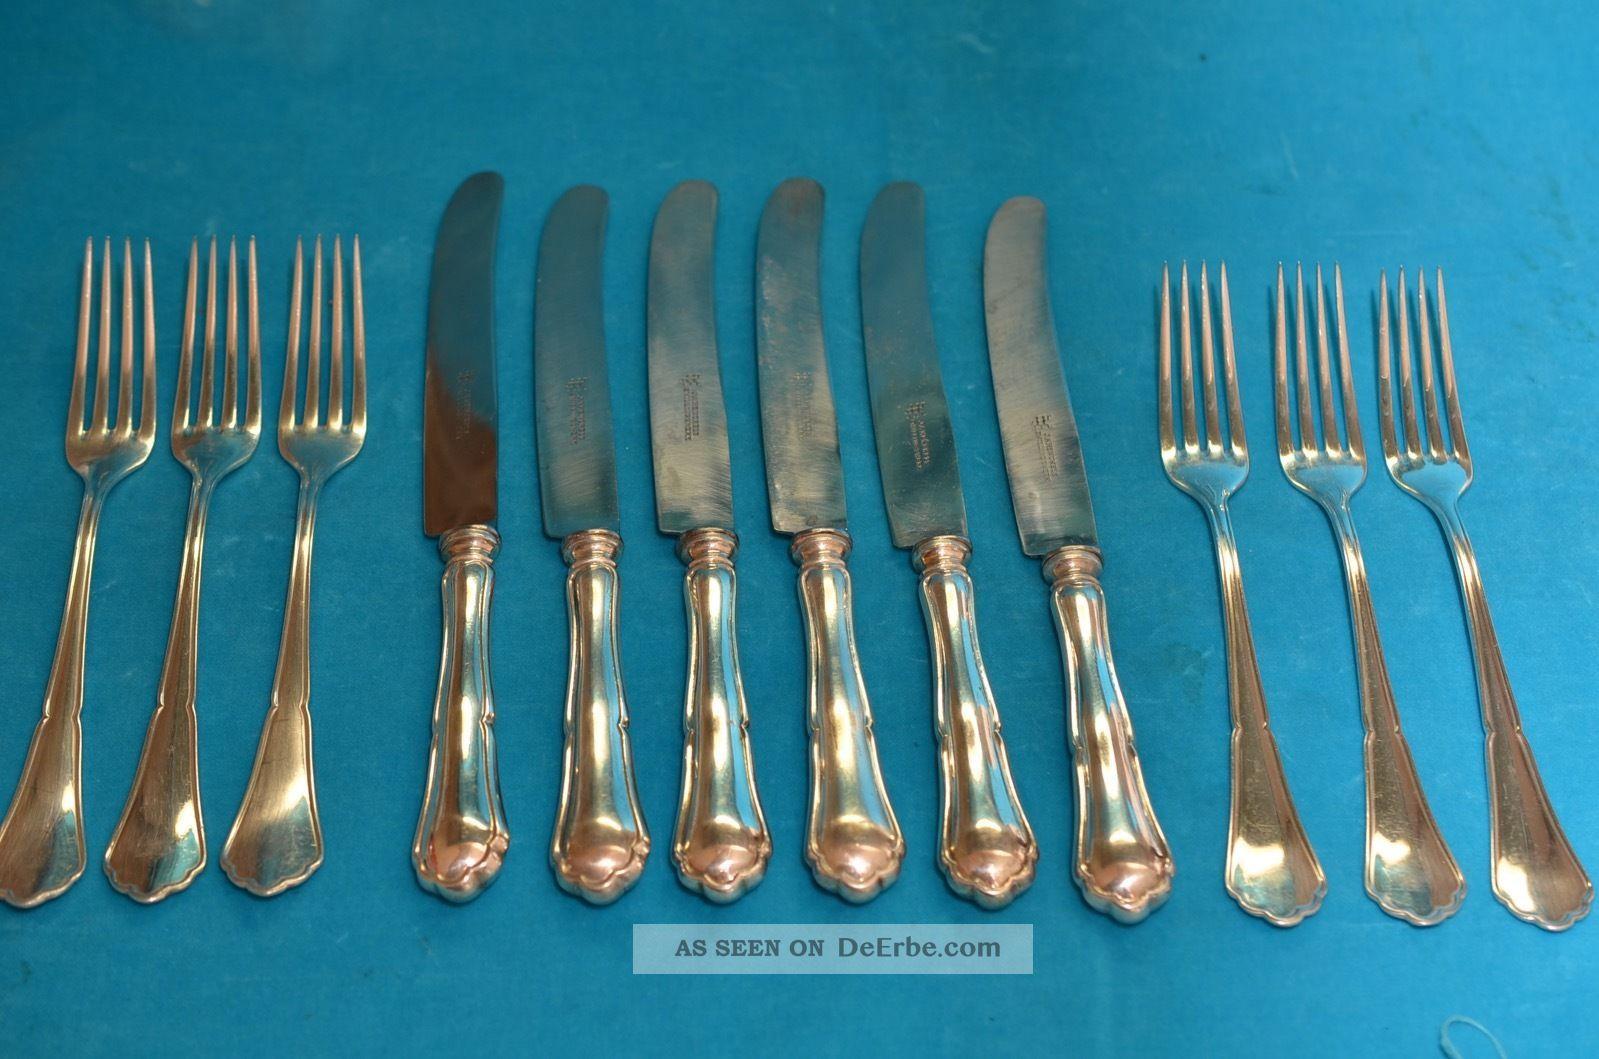 Altes Art Deco J.  A.  Henckels 6 Personen Essbesteck Silber 800 770 Gramm Objekte vor 1945 Bild